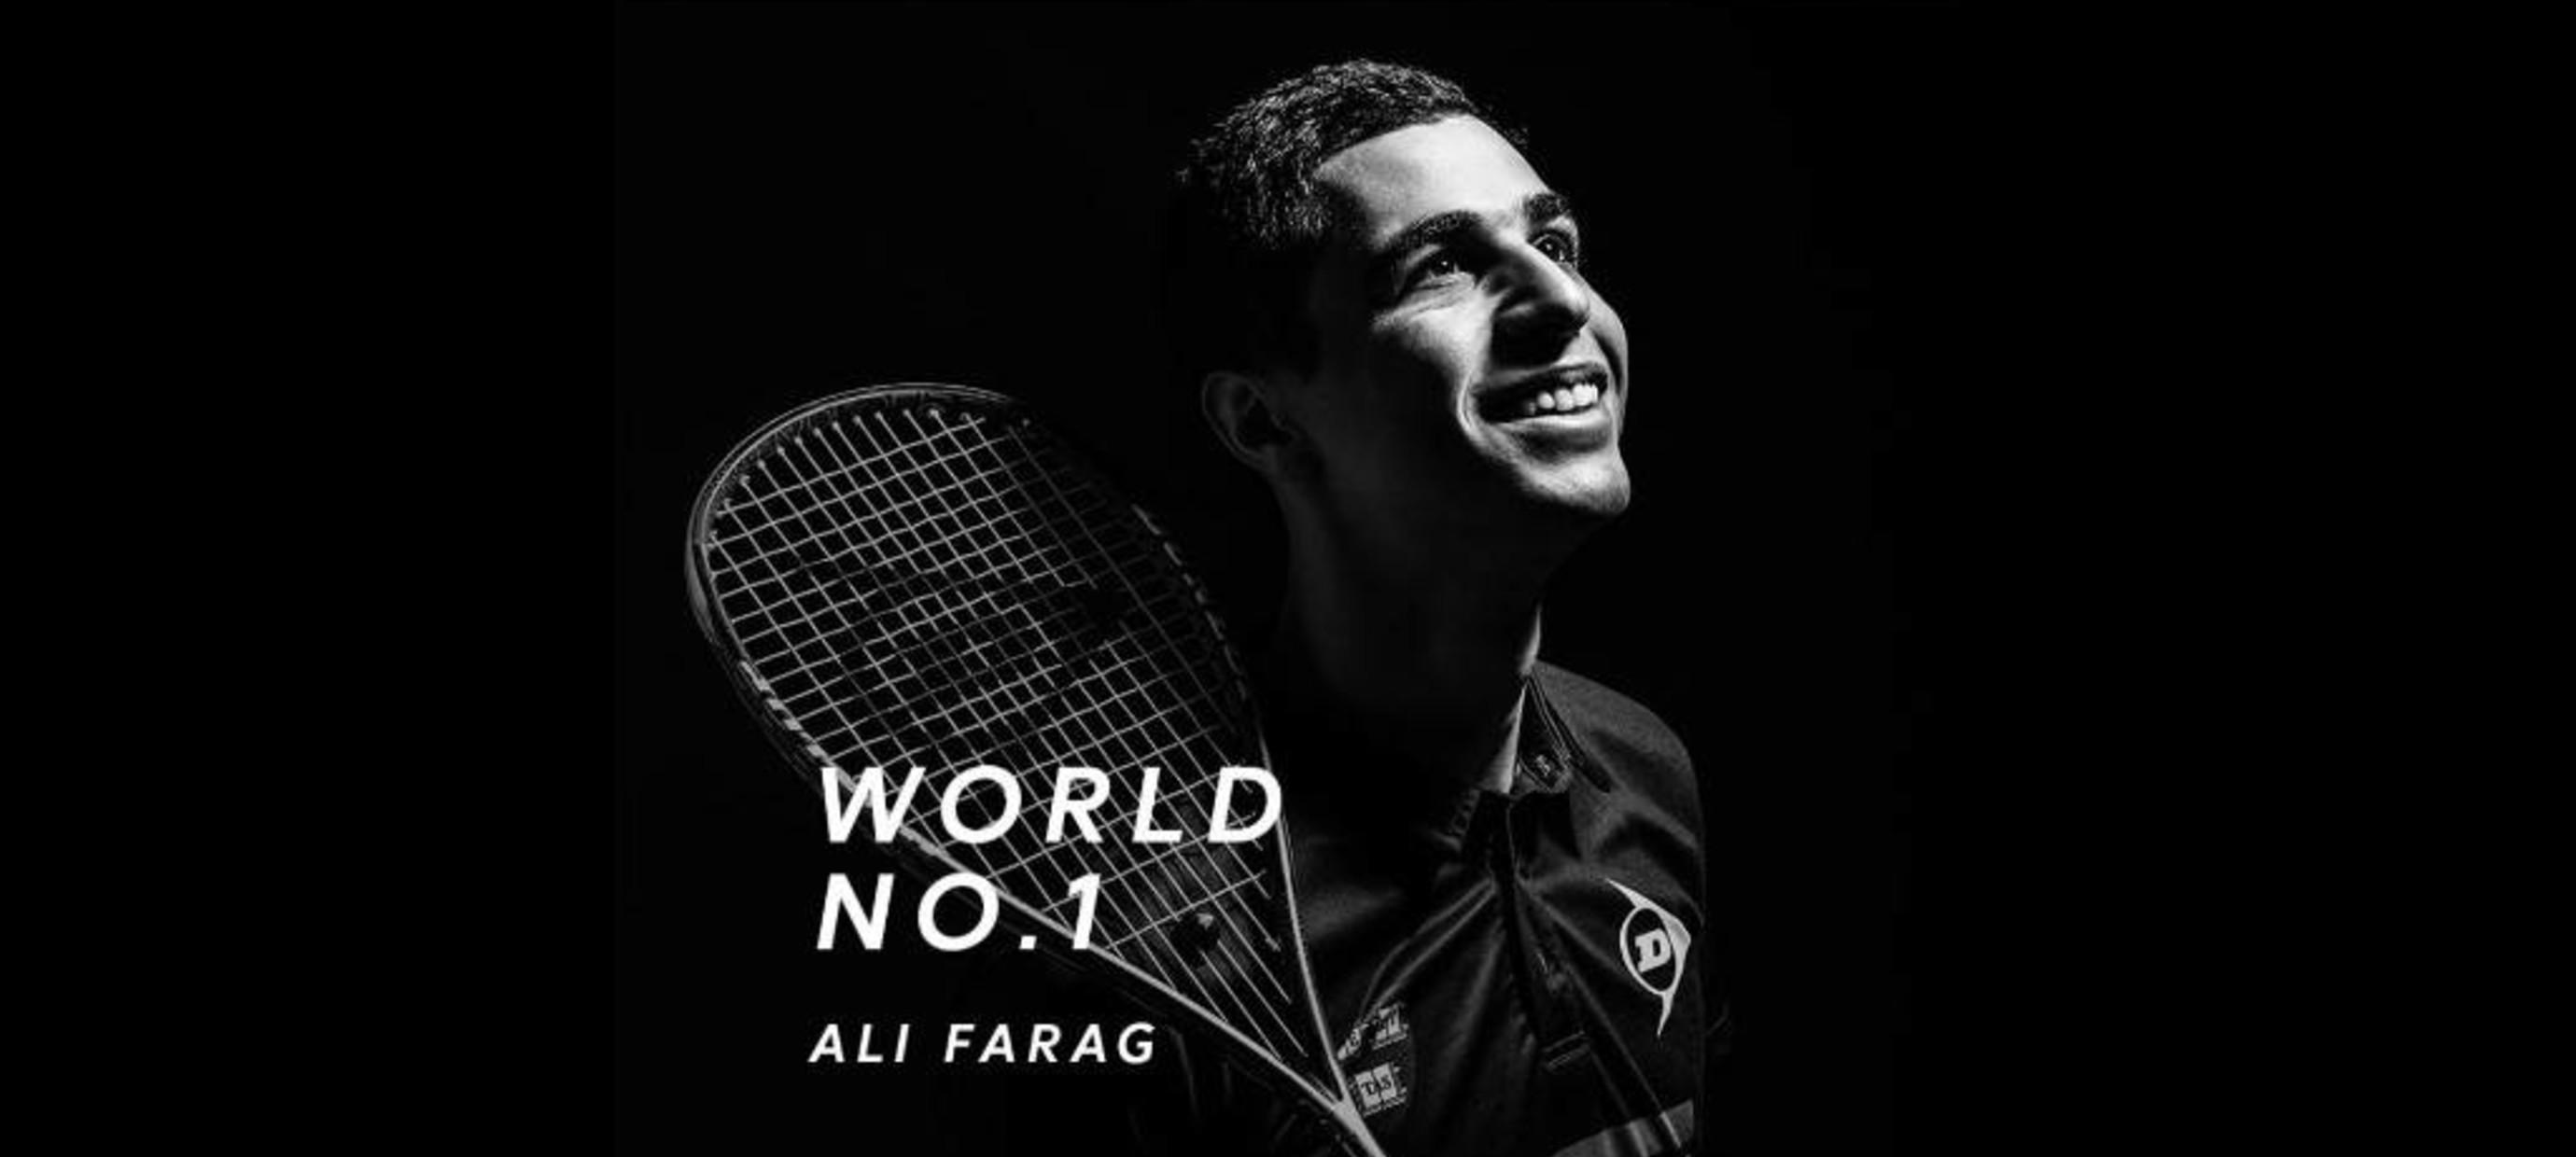 Ali Farag de nieuwe nummer 1